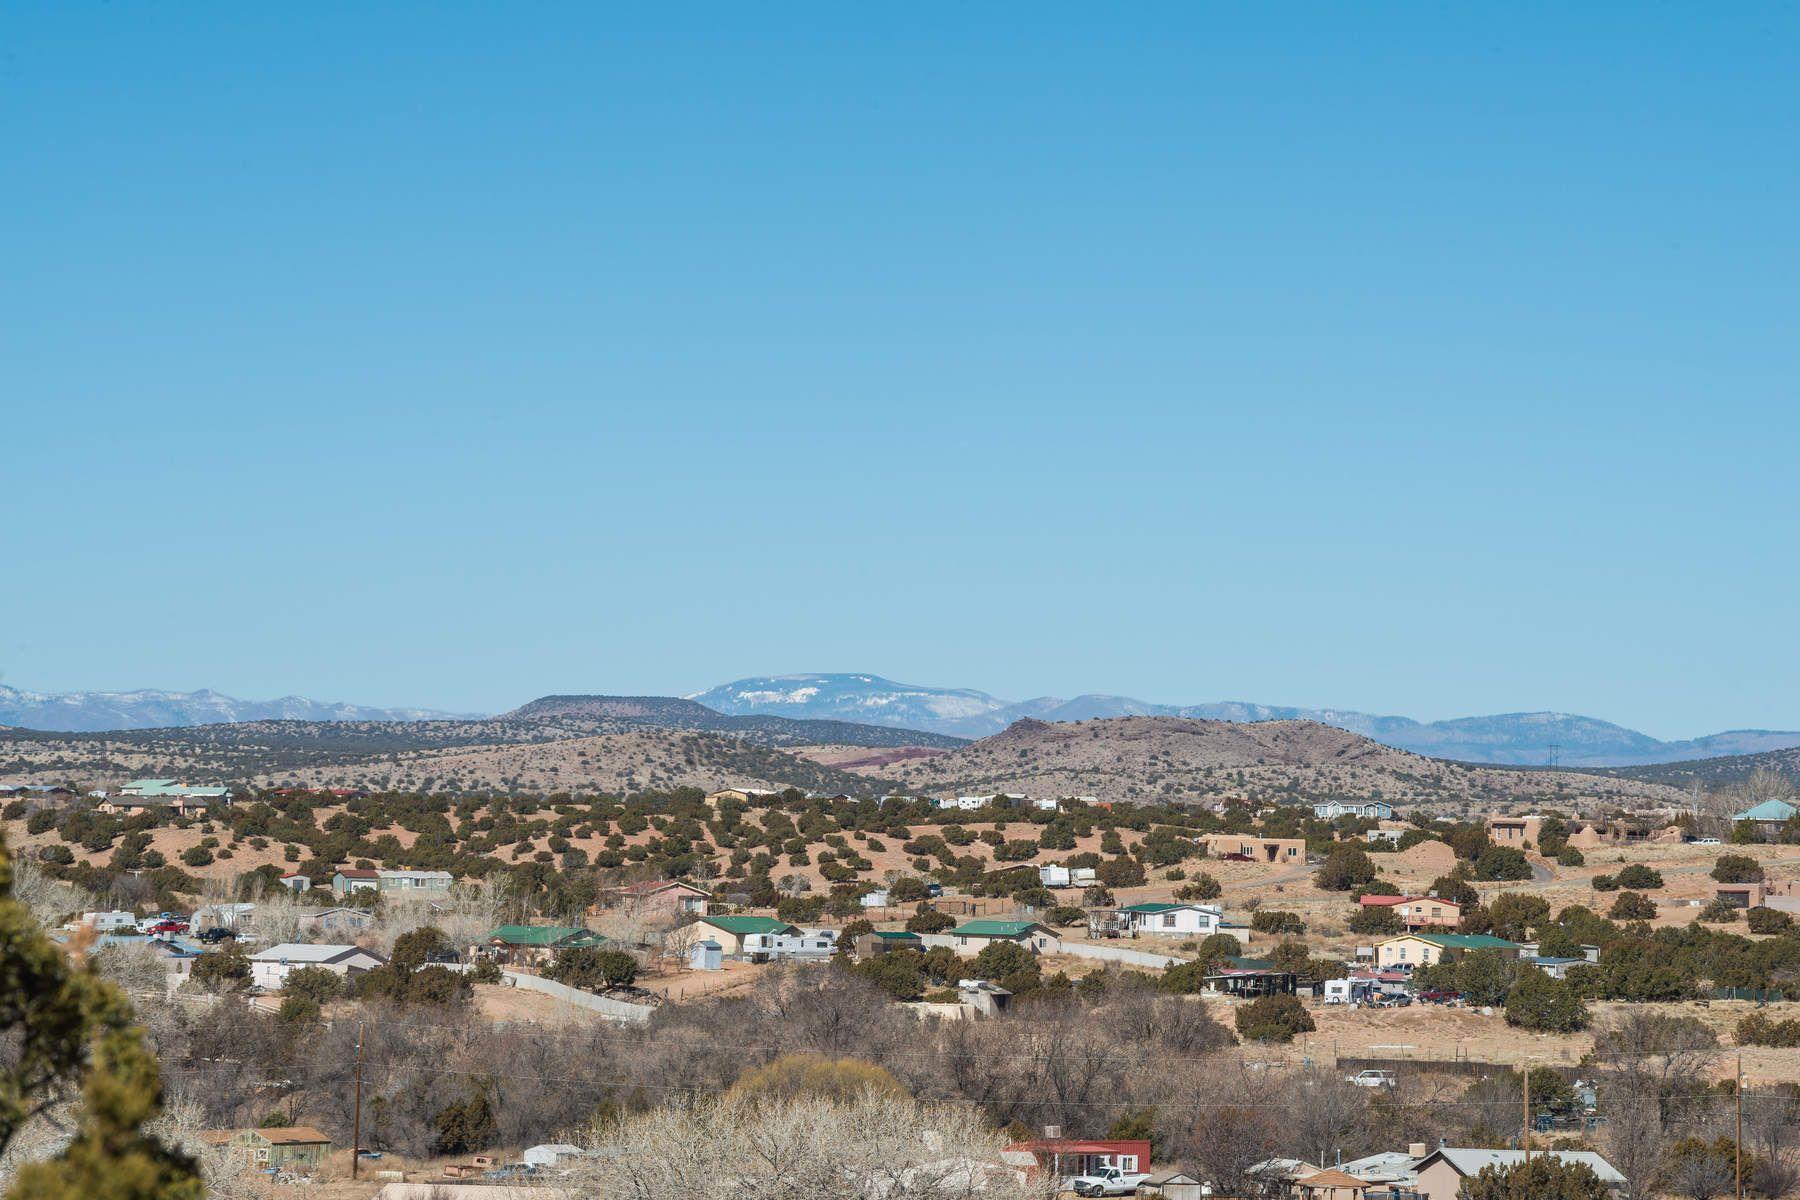 独户住宅 为 销售 在 35 S. Paseo De Angle 35 Paseo De Angel S, 圣达非, 新墨西哥州, 87507 美国